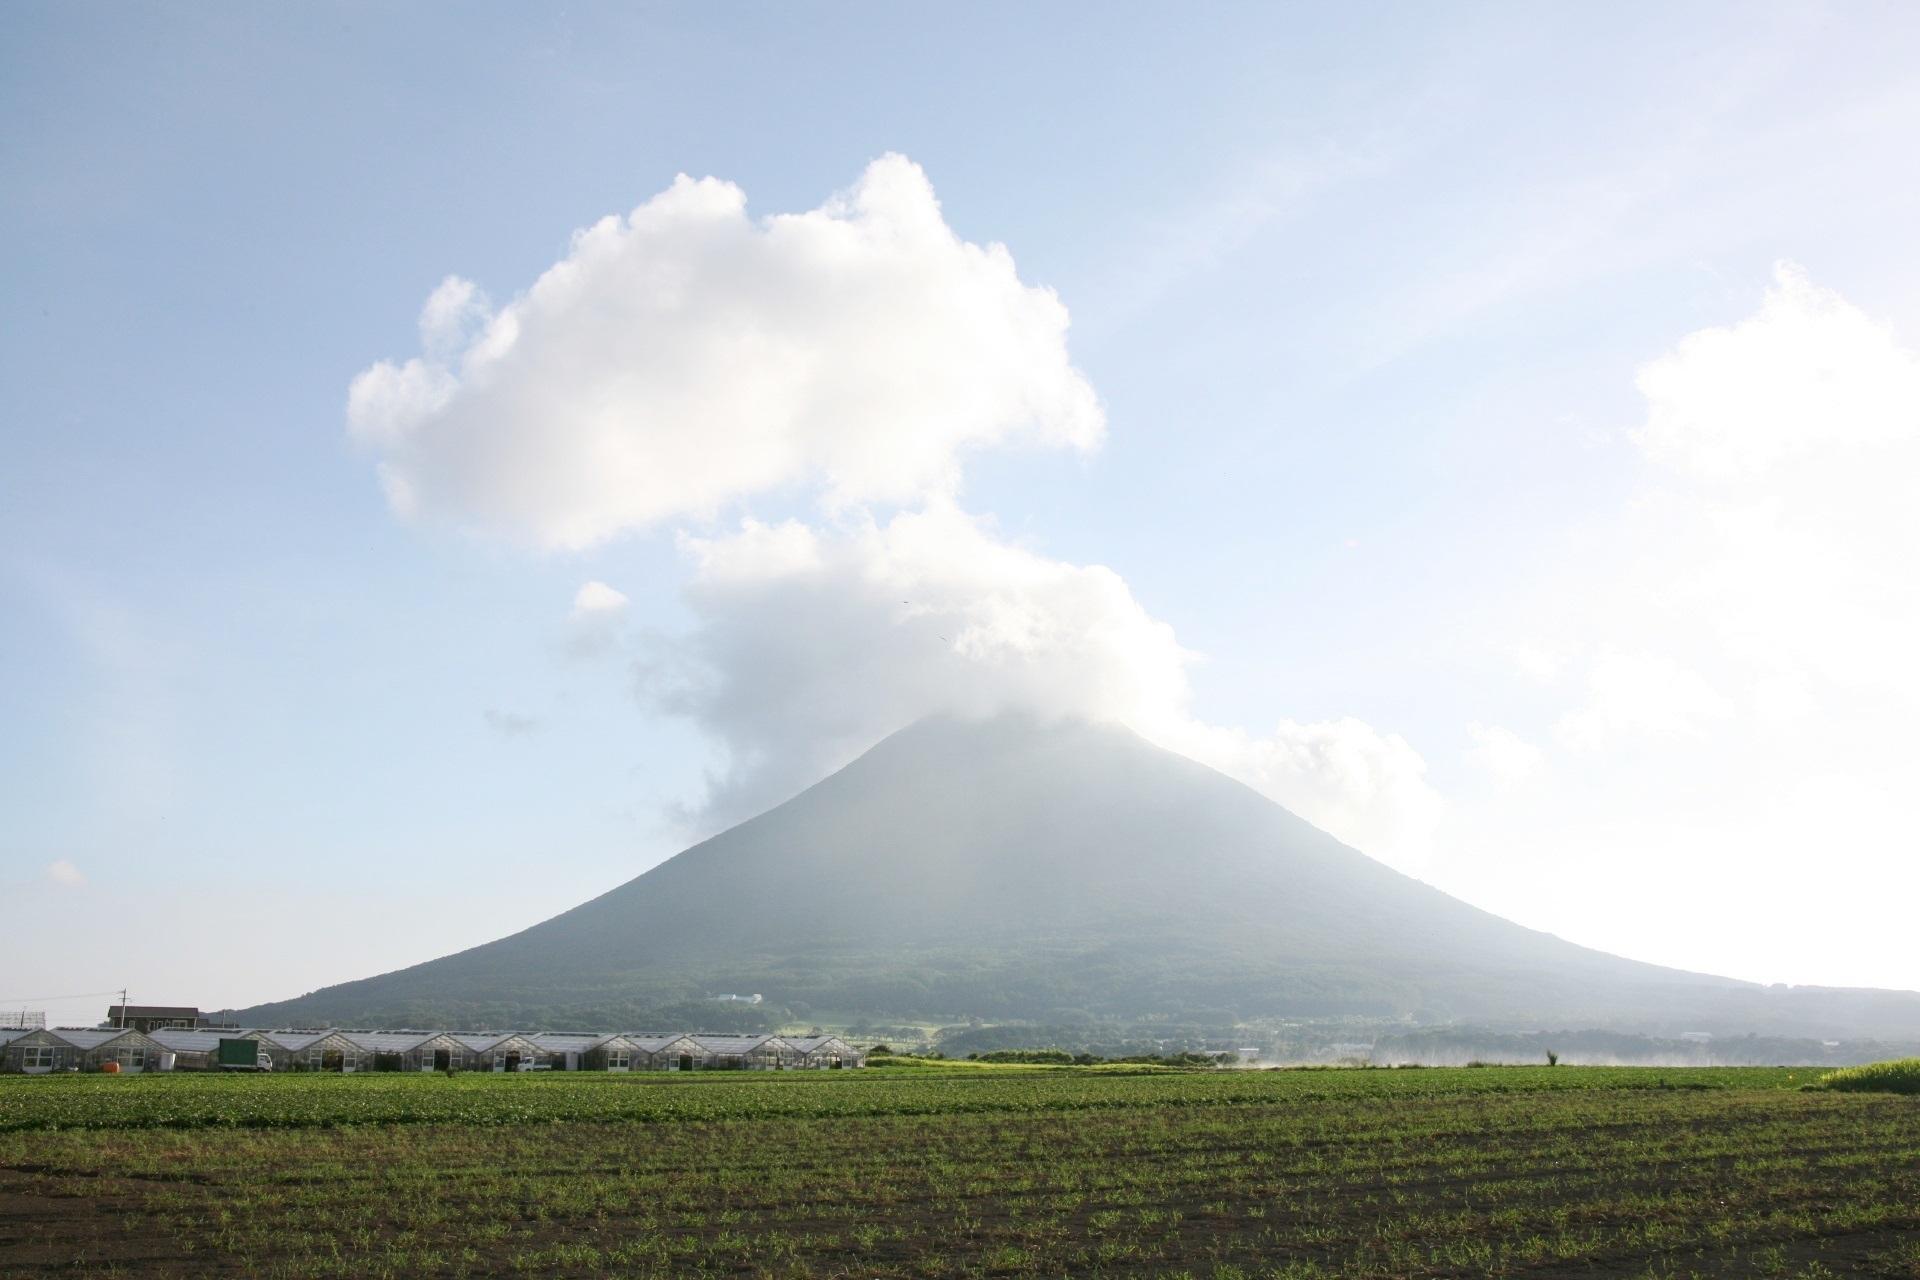 真夏の開聞岳 鹿児島の風景